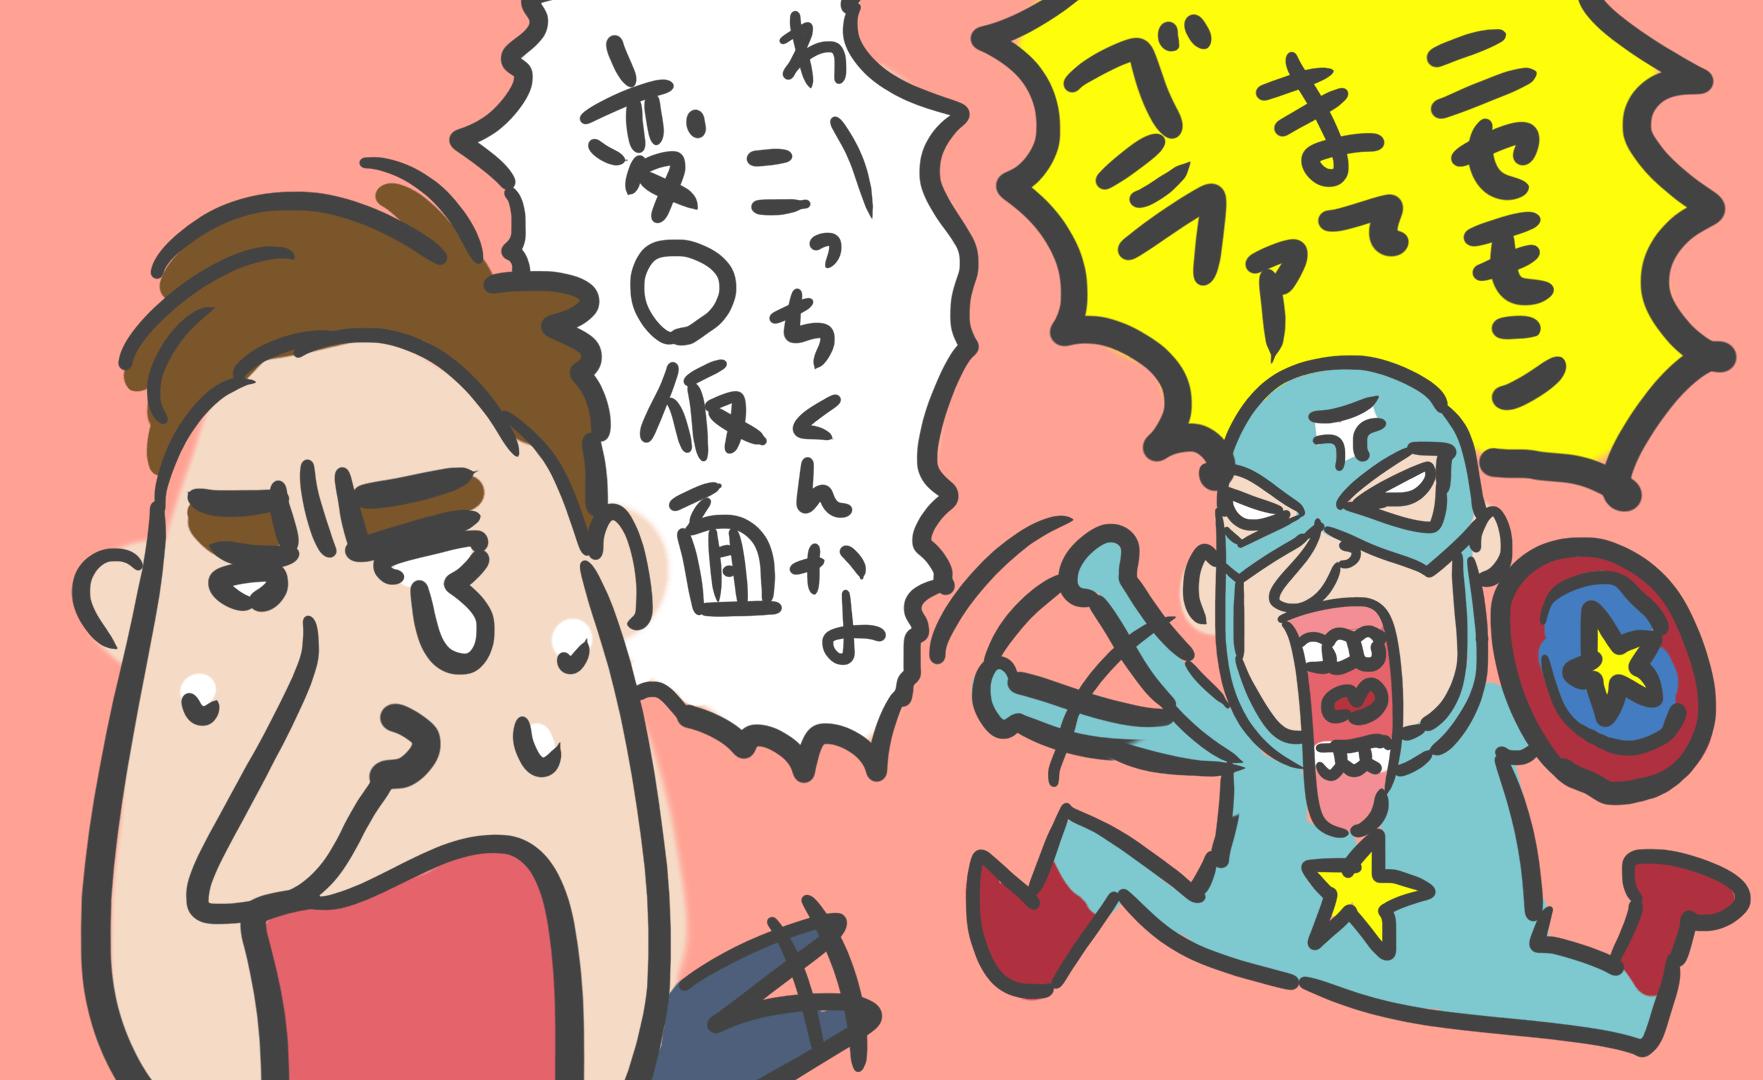 キャプテン対決のイラスト